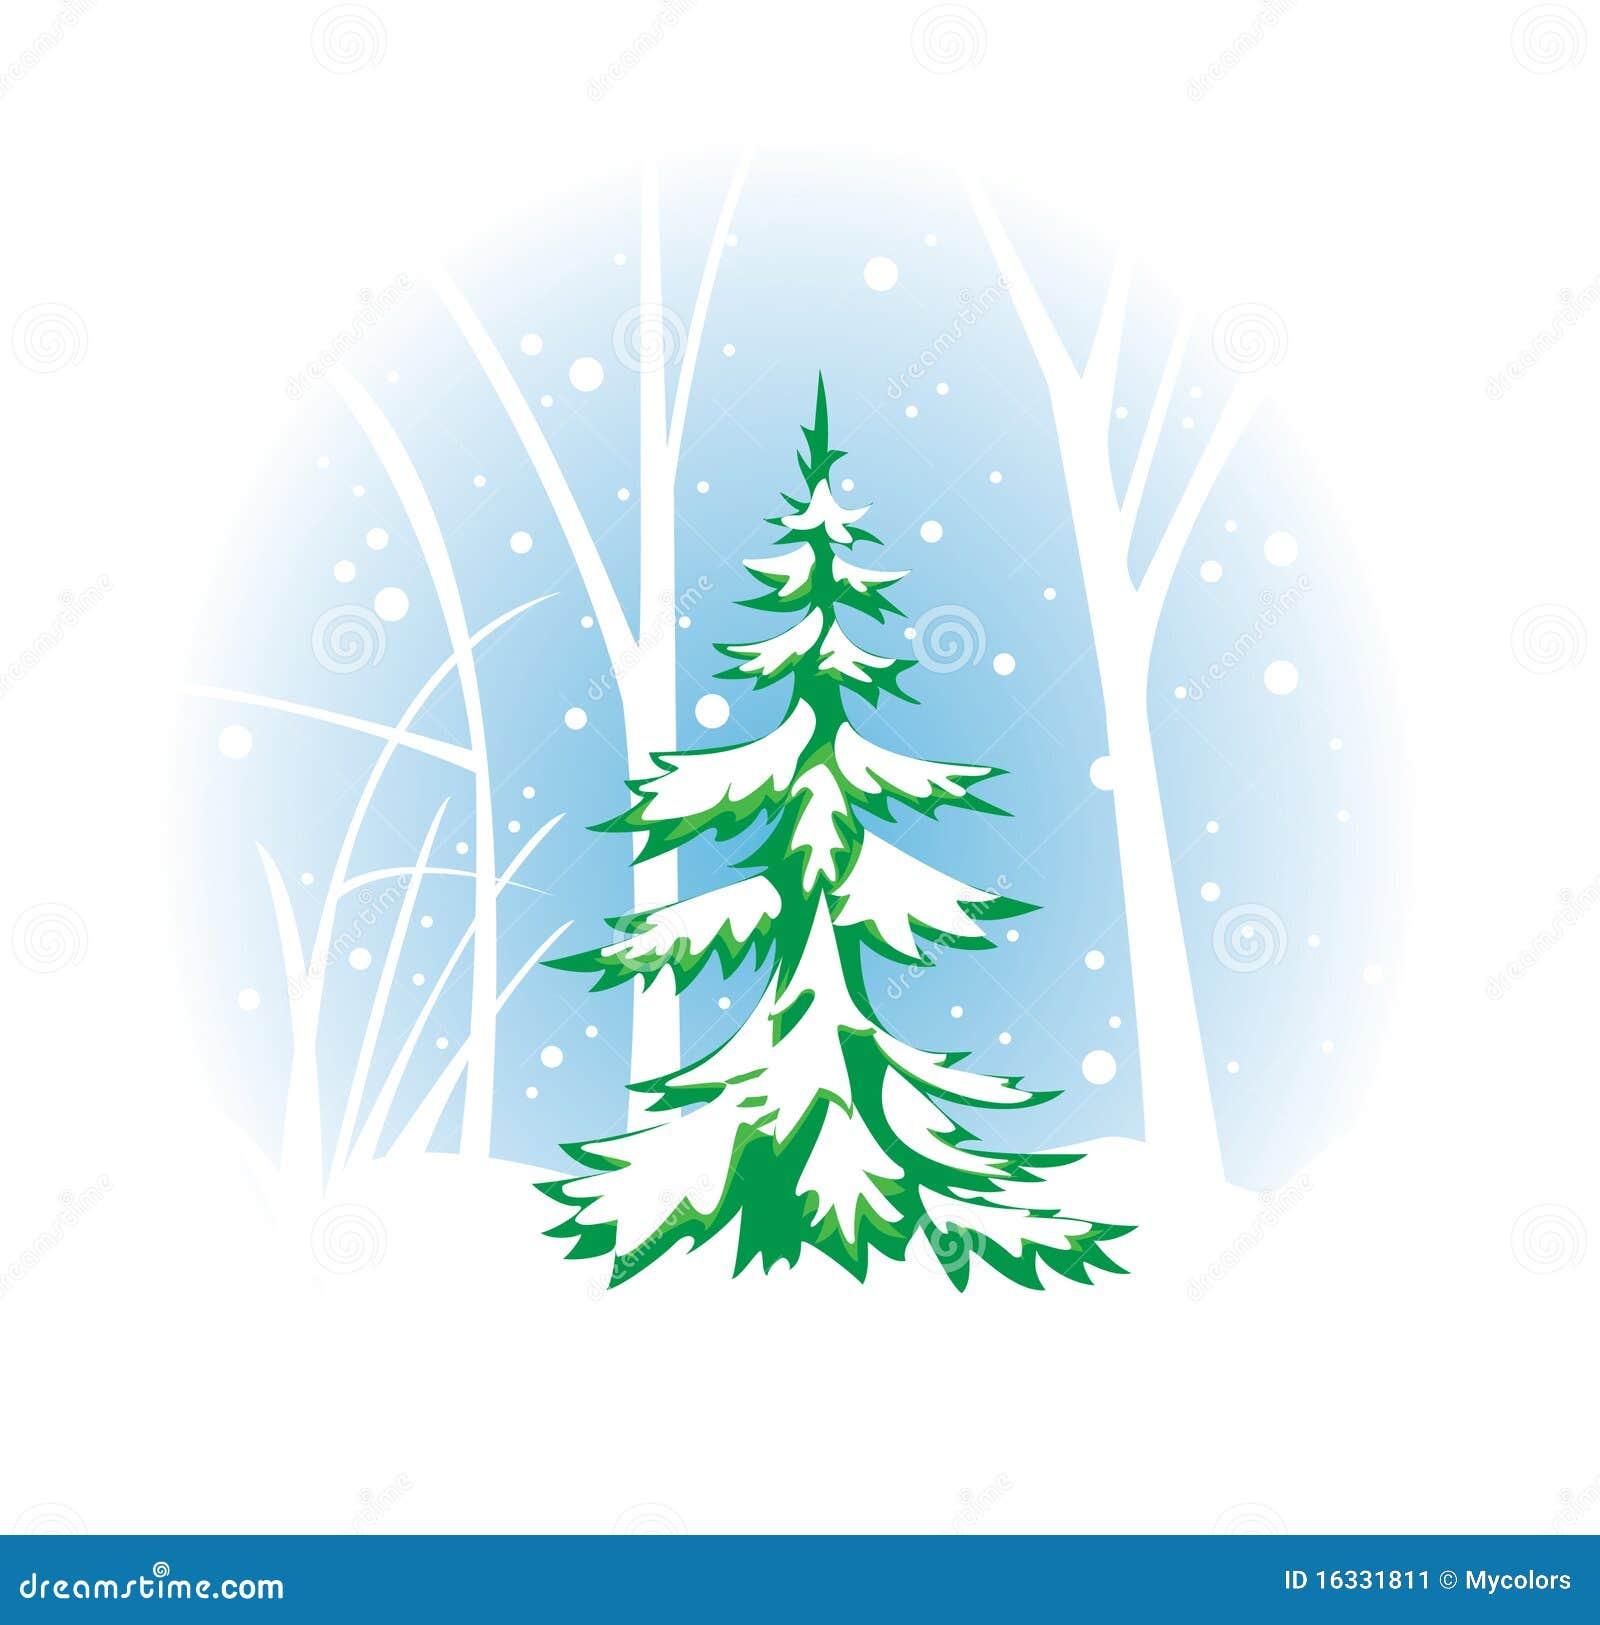 Winterliche Abbildung Mit Tannenbaum Vektor Abbildung ...